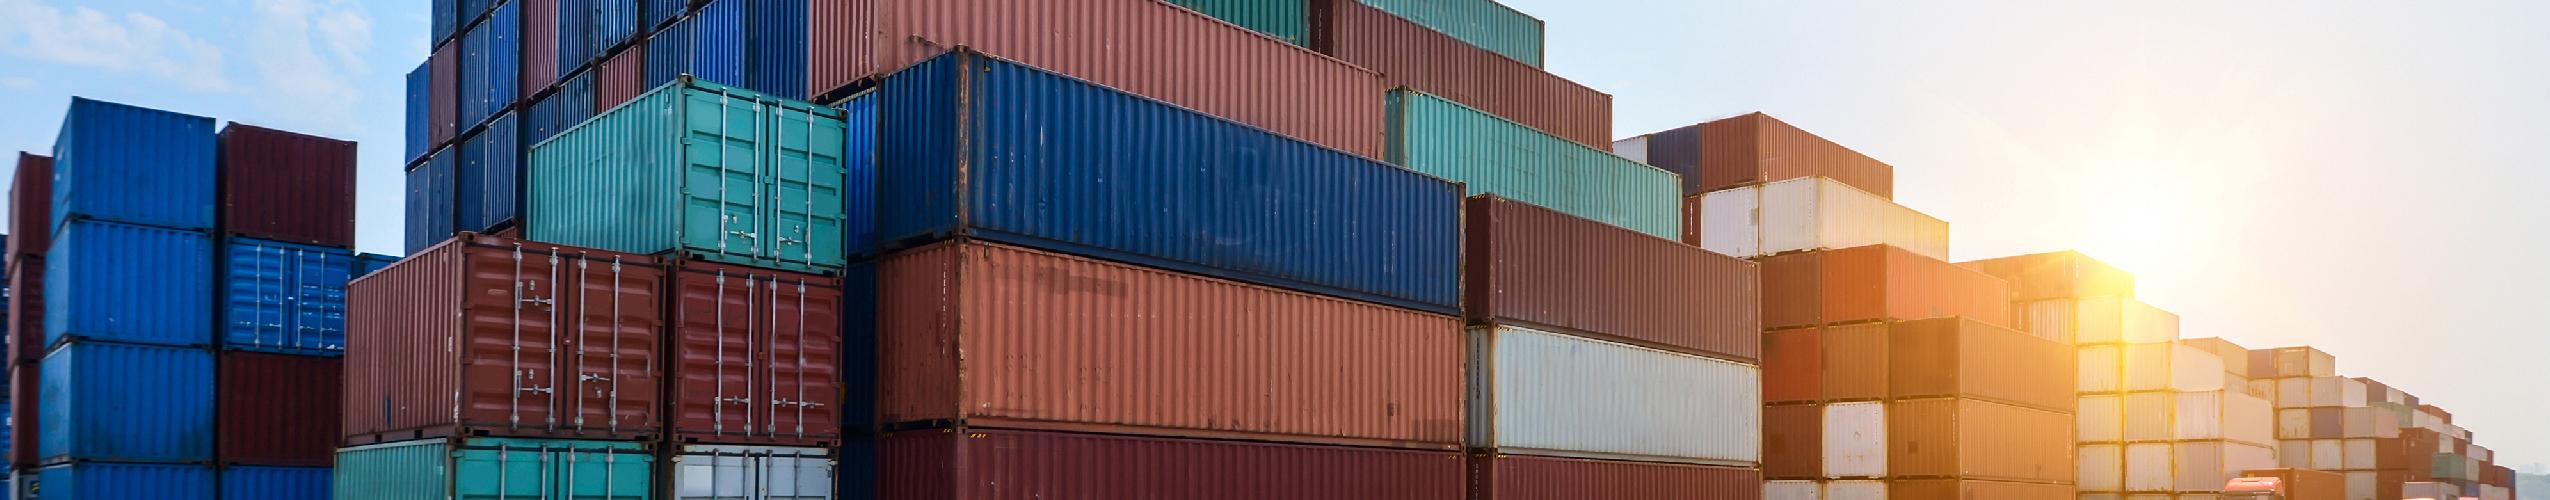 Von Aktionsware bis Zollgut, Transport von Teil- sowie Komplettpartien - wir übernehmen jede Woche einige Tonnen schweres Gewicht für unsere Kunden.